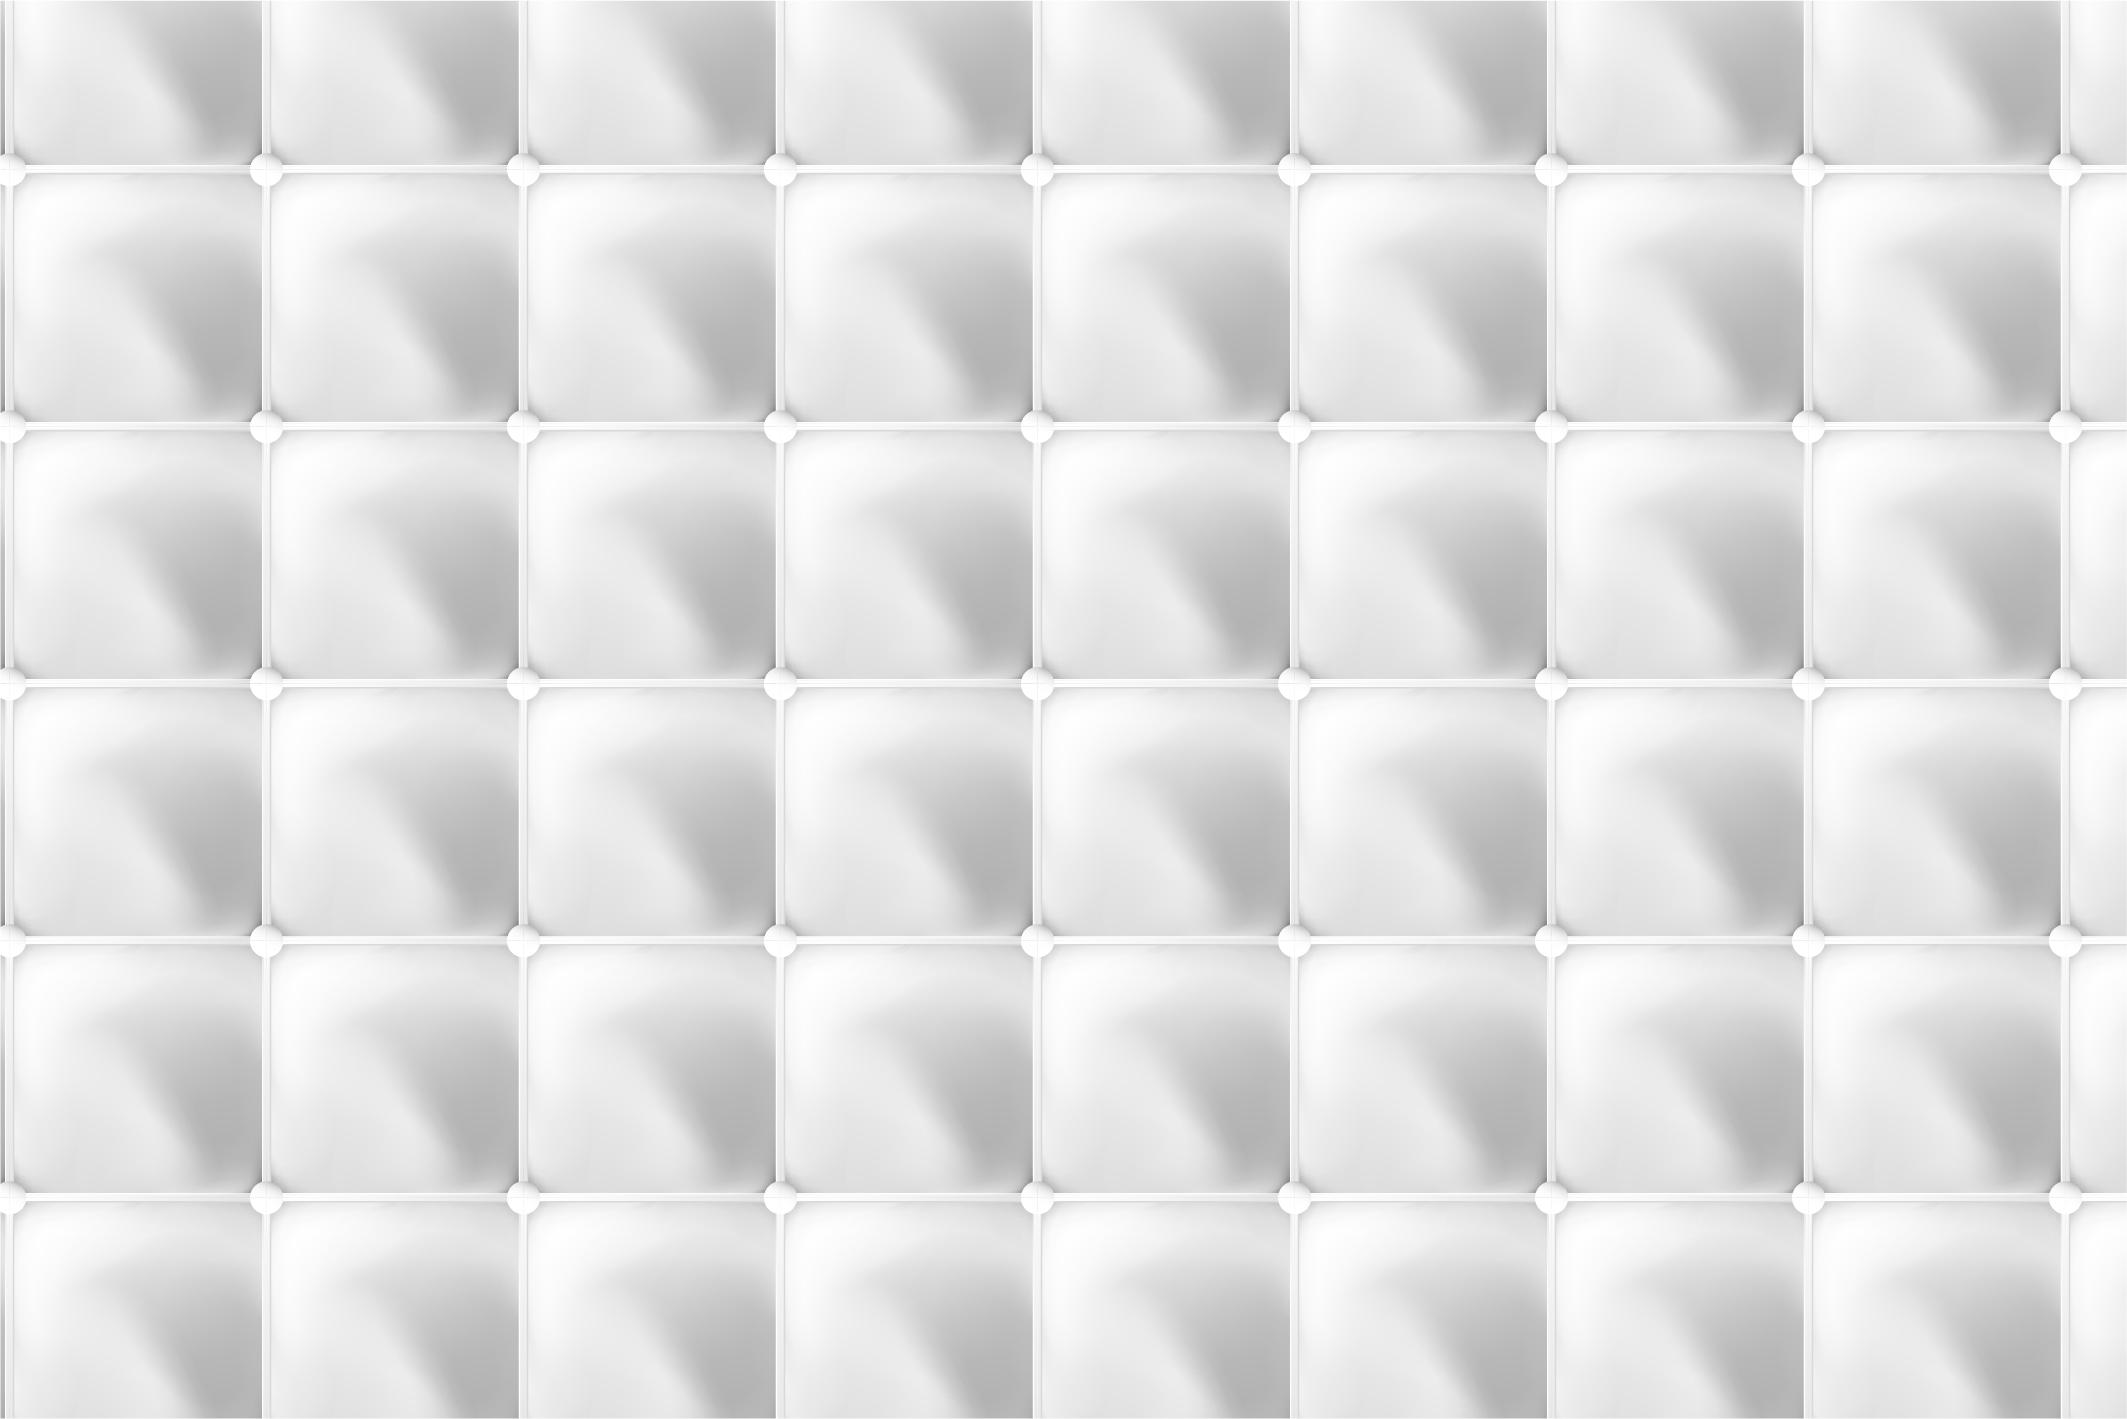 White seamless textures example image 7